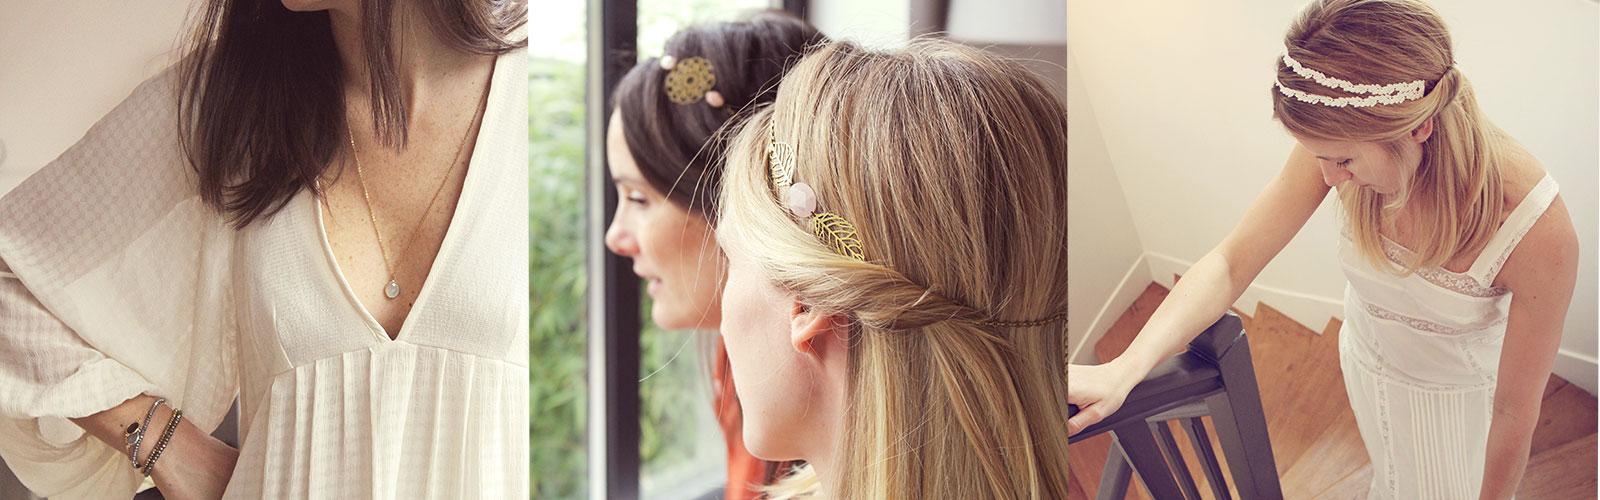 Triptyque pendentif et headbands Pemberley 2014